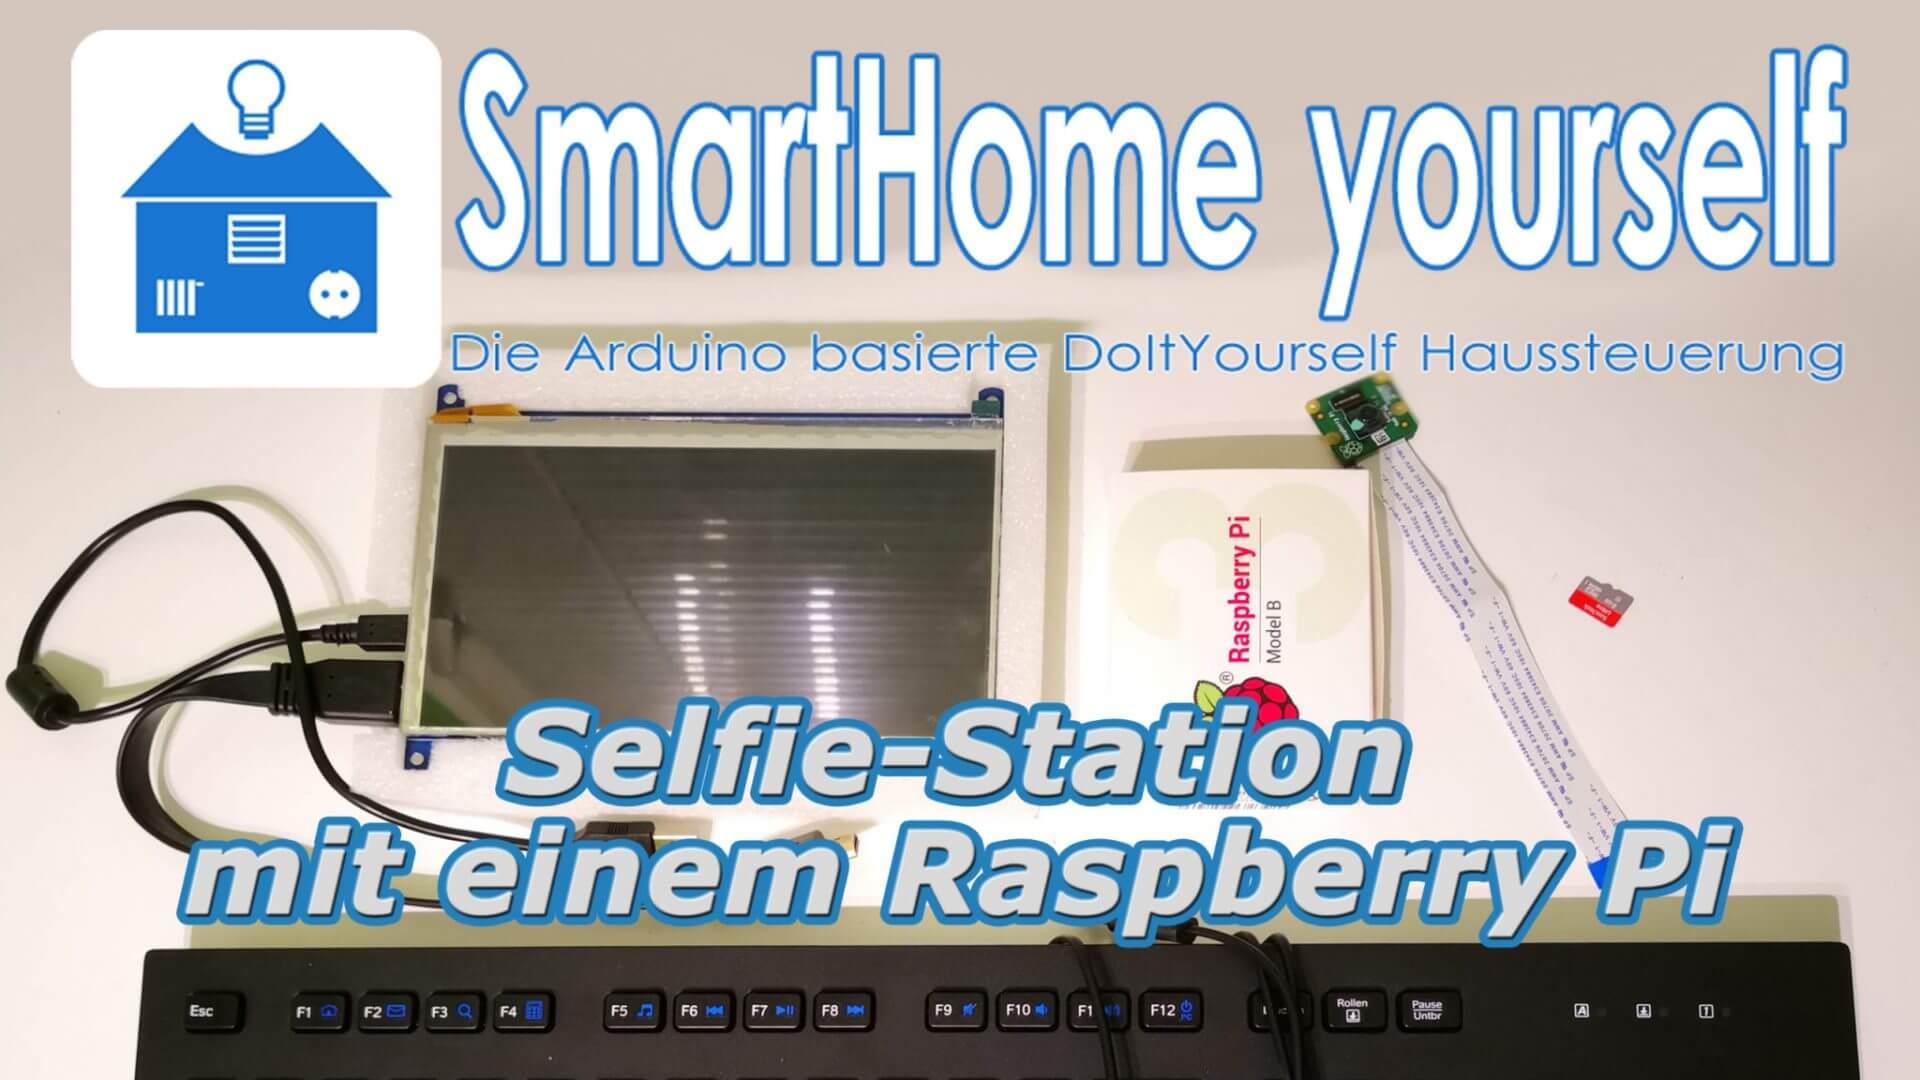 Selfie-Station mit Raspberry Pi und Touchscreen